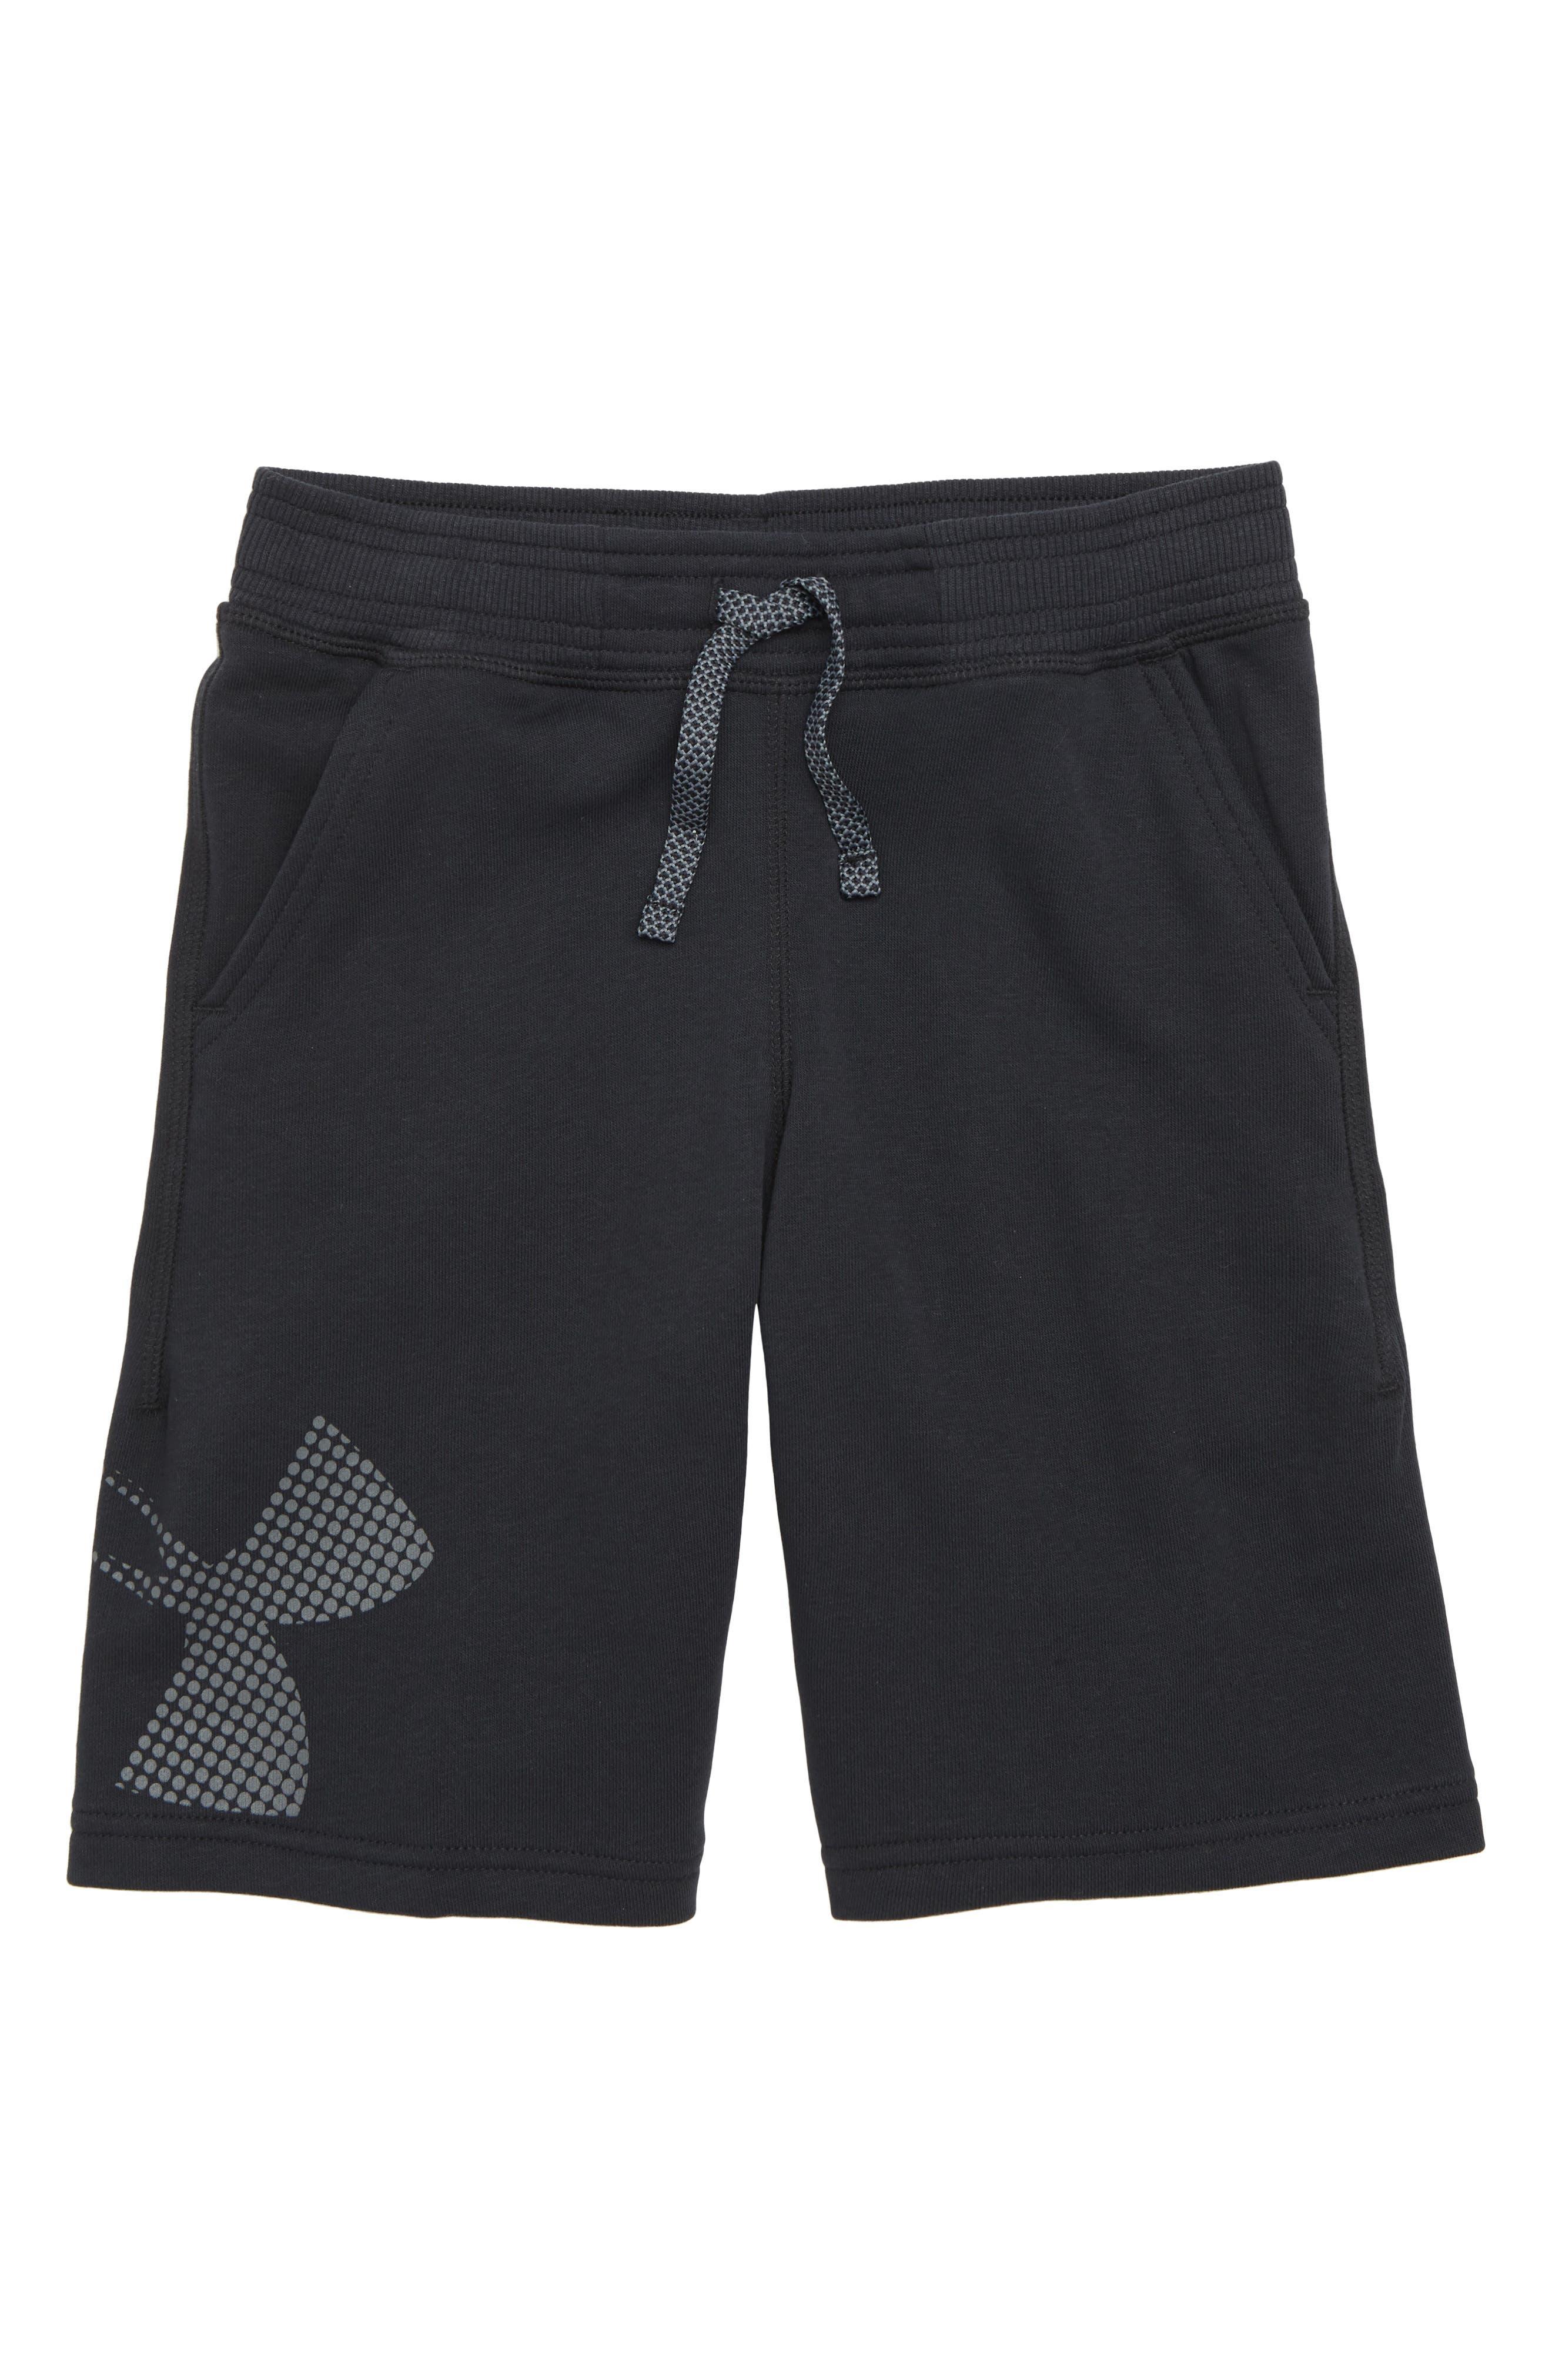 Graphic Knit Shorts,                             Main thumbnail 1, color,